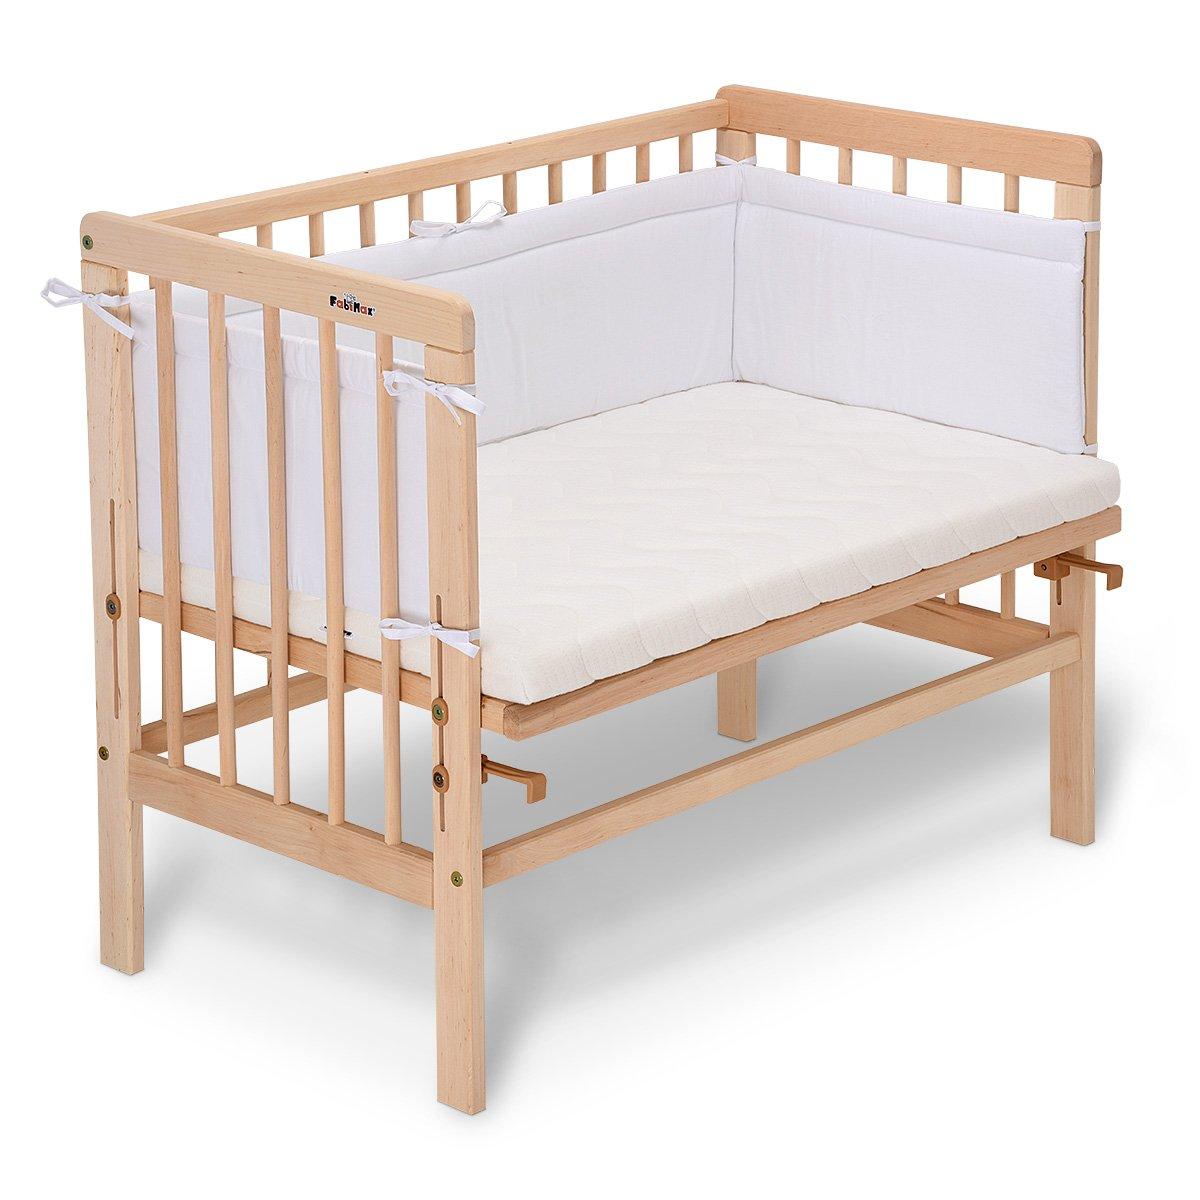 FabiMax 4166 Beistellbett BASIC natur, passend für Malm Bett, inkl. Matratze COMFORT und Nestchen Amelie weiß